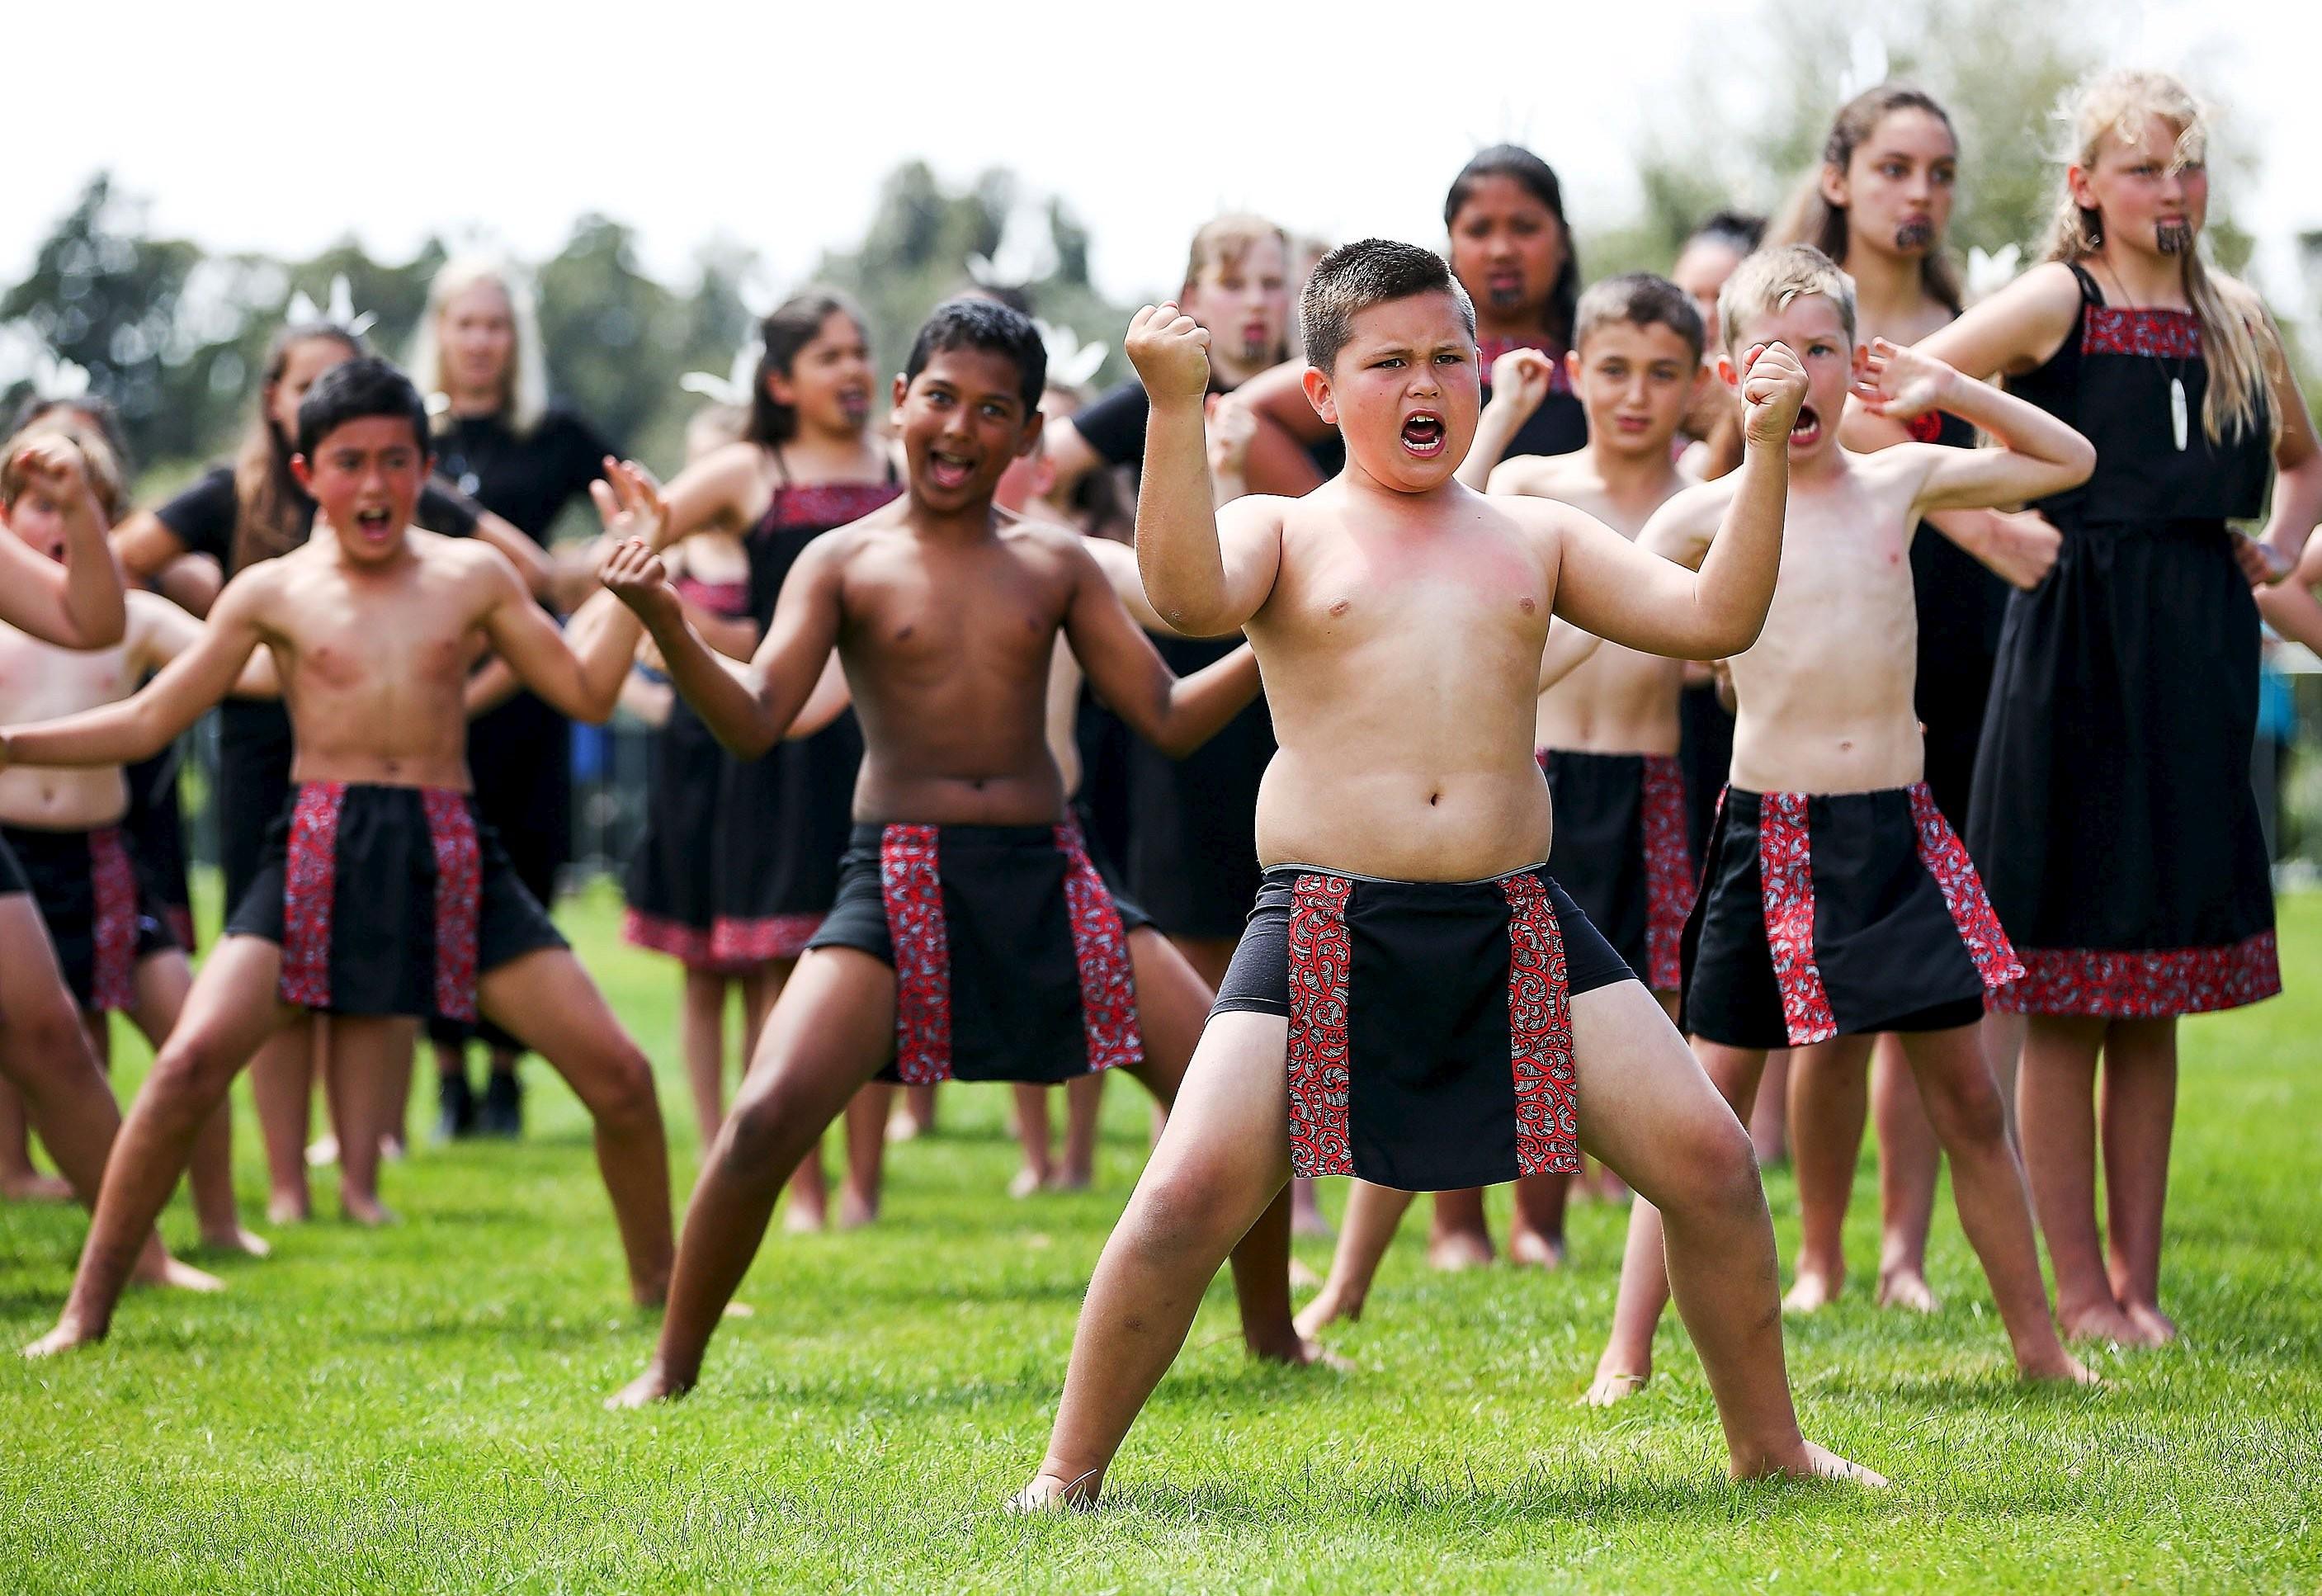 Manifestantes dançam haka em ato contra o racismo na Nova Zelândia; veja VÍDEO